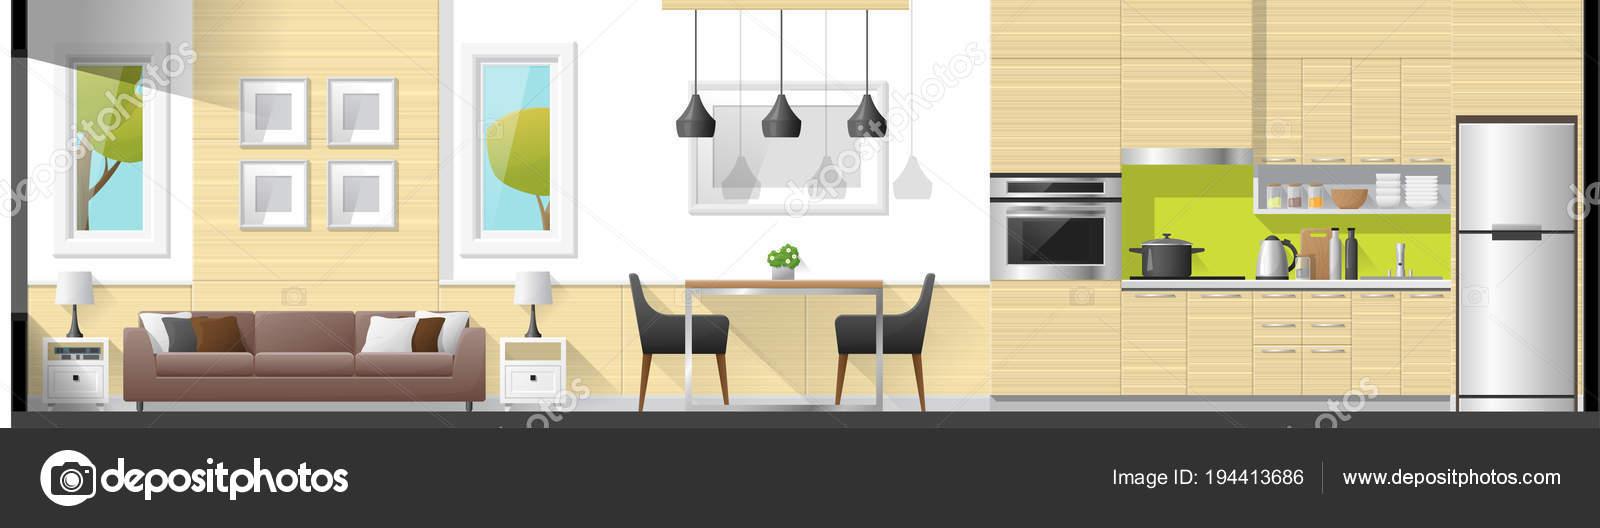 Haus Innenteil Panorama Hintergrund Wie Wohnzimmer Esszimmer Und ...